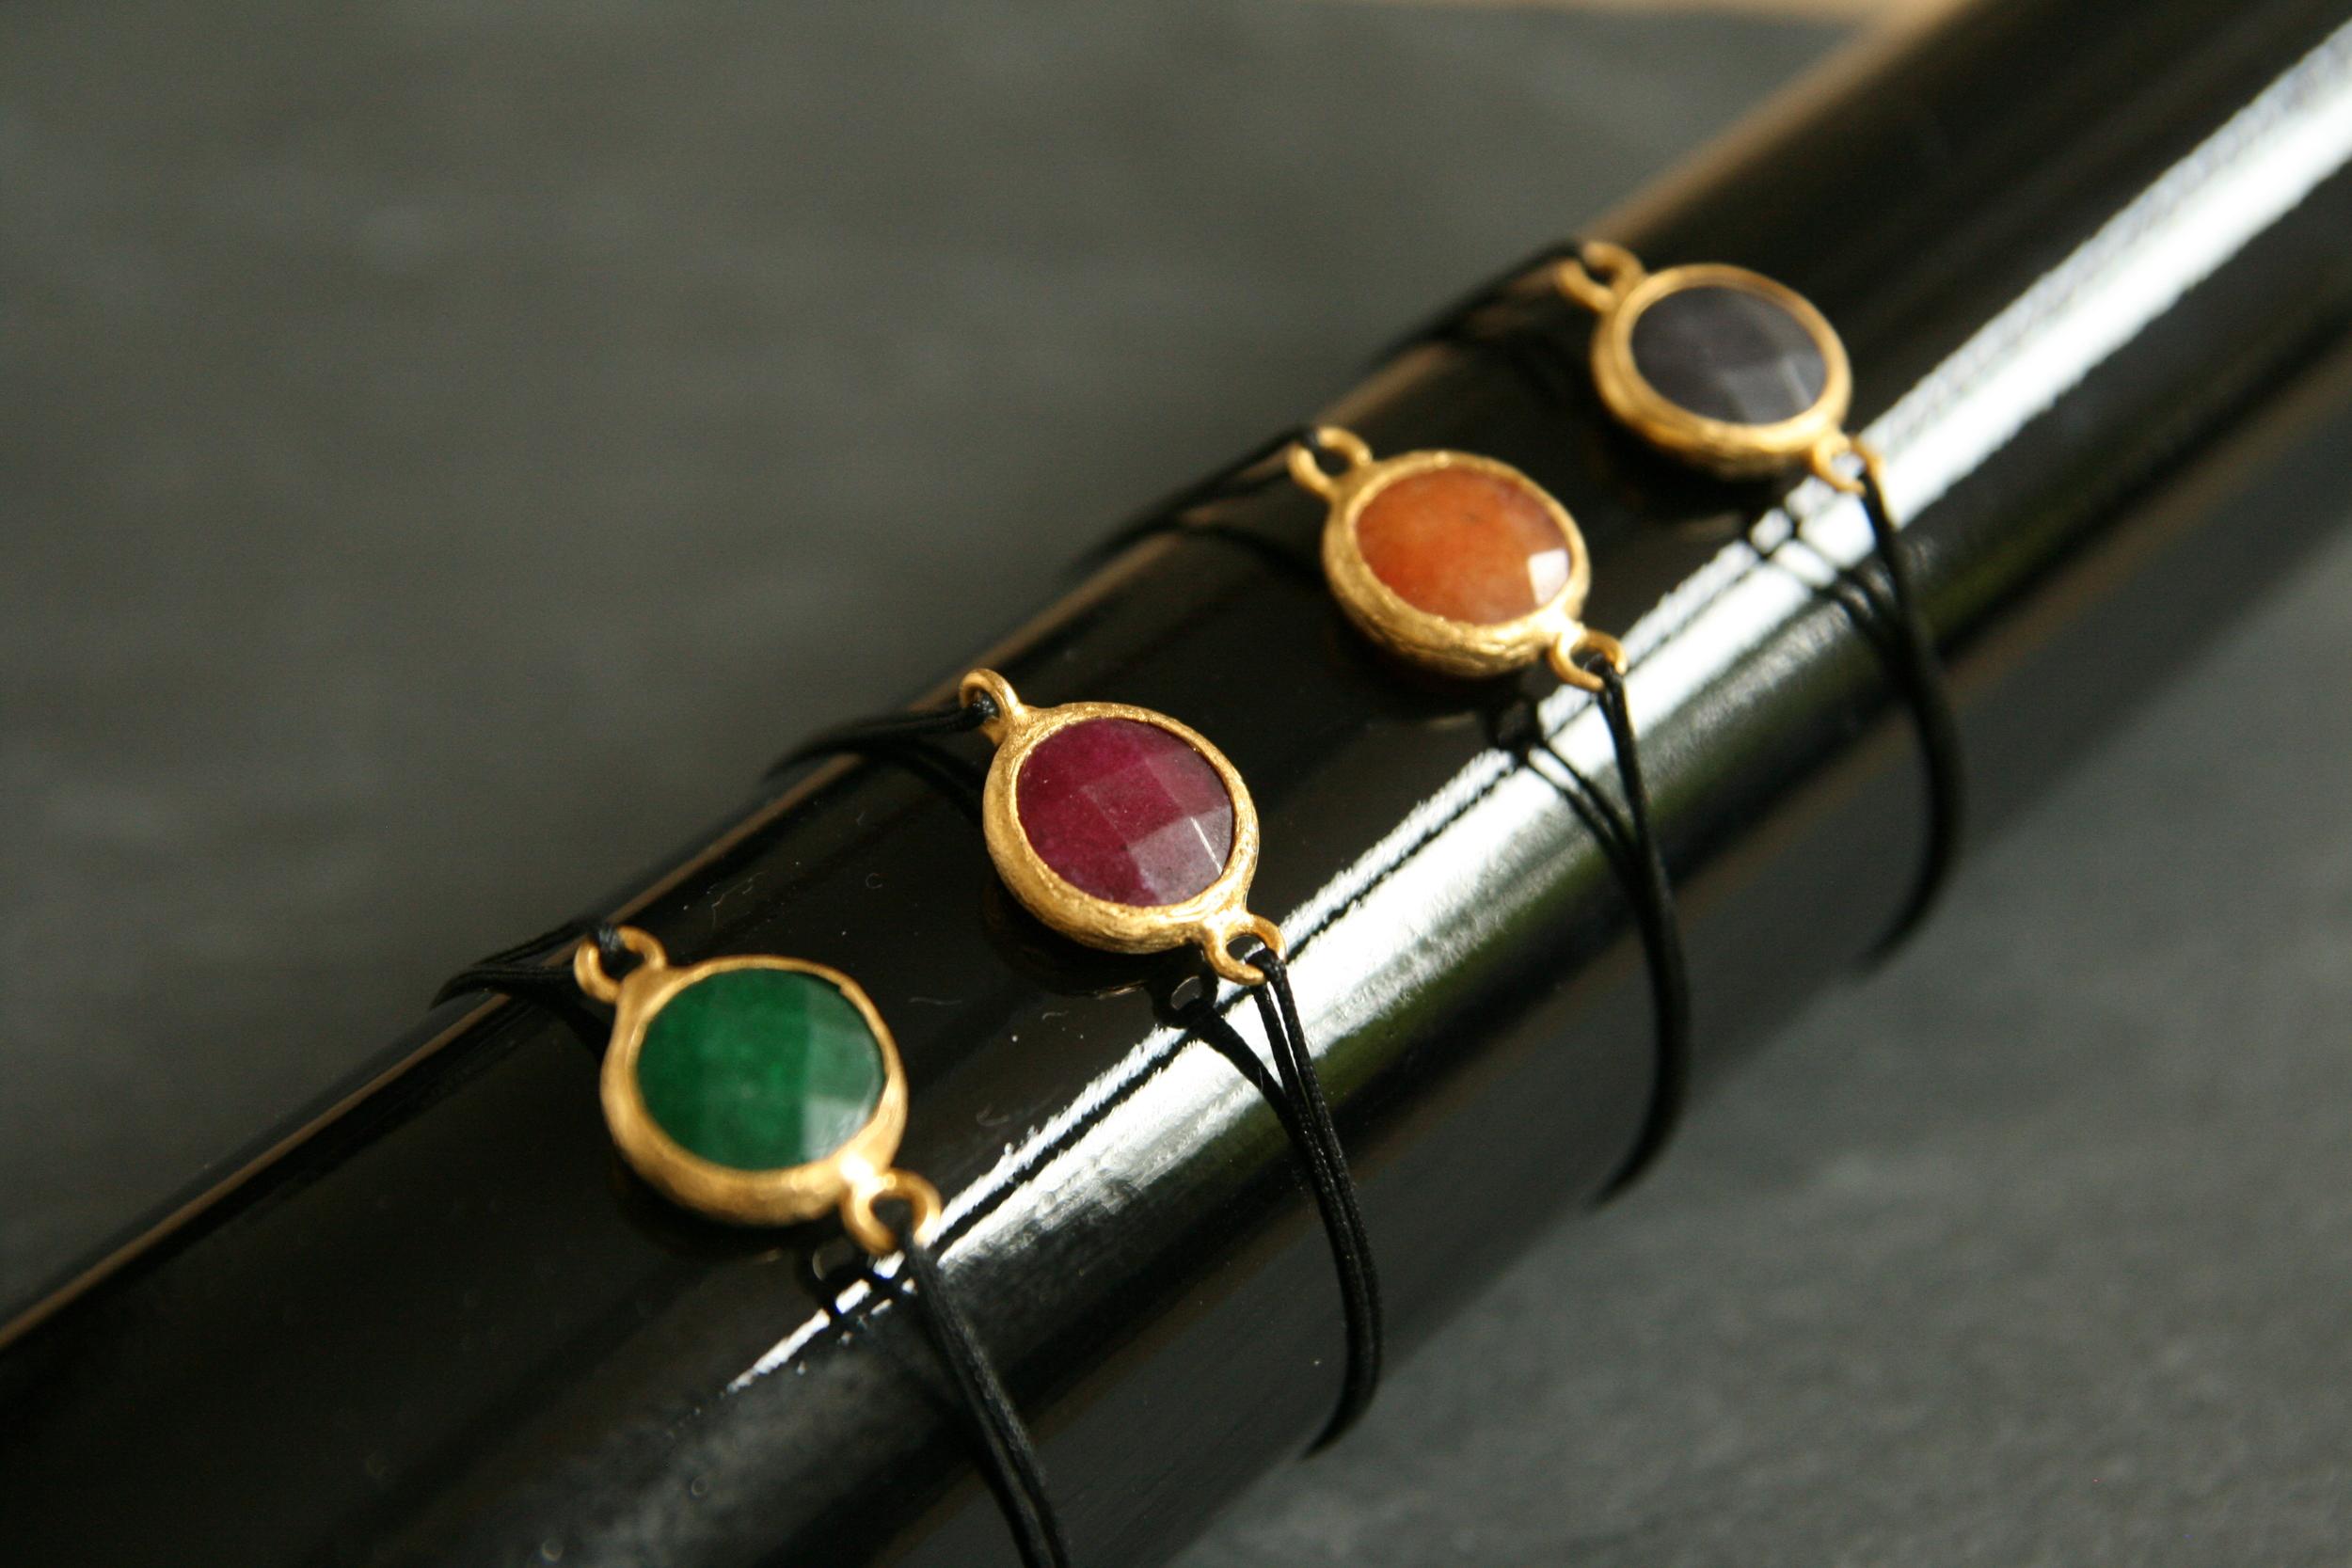 JADE  Farbige Jadeanhänger in vergoldeter Fassung. Erhältlich in den Farben dunkelgrau, rot, orange, dunkelgrün; Durchmesser der Steine ca. 14mm.  28€   BESTELLEN >>